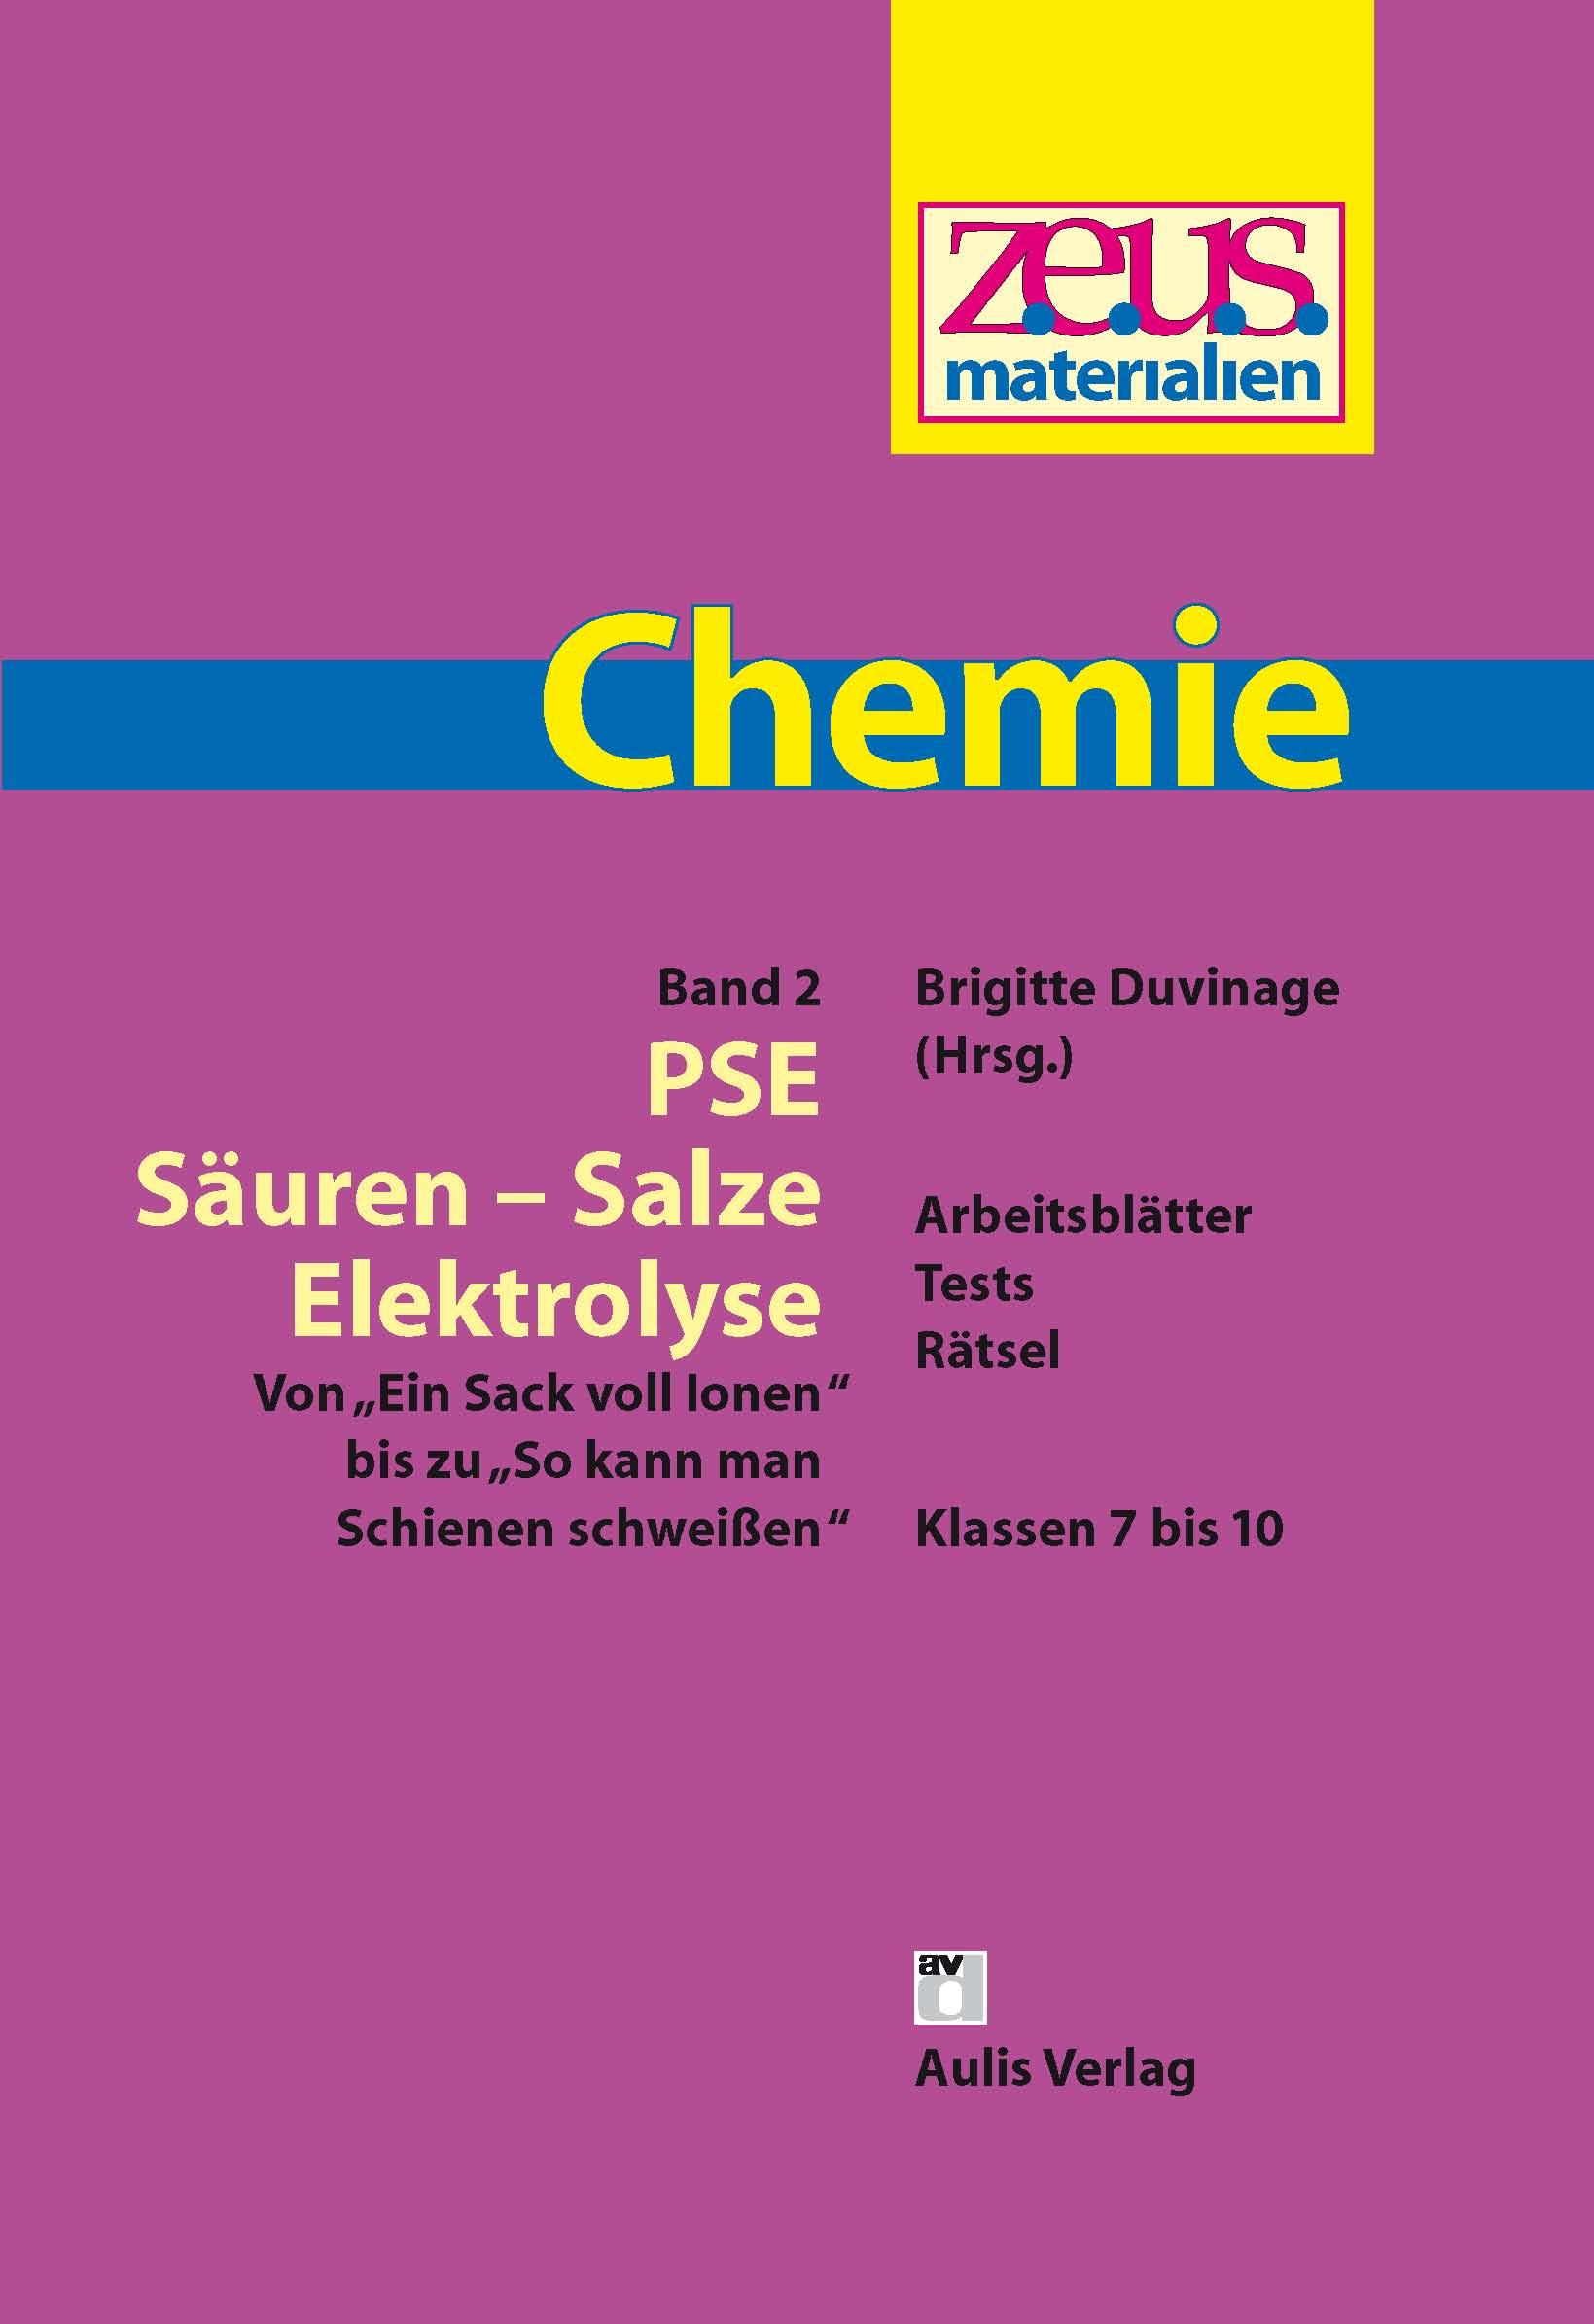 z.e.u.s. Materialien Chemie S I – Band 2: PSE-Säuren-Salze-Elektrolyse